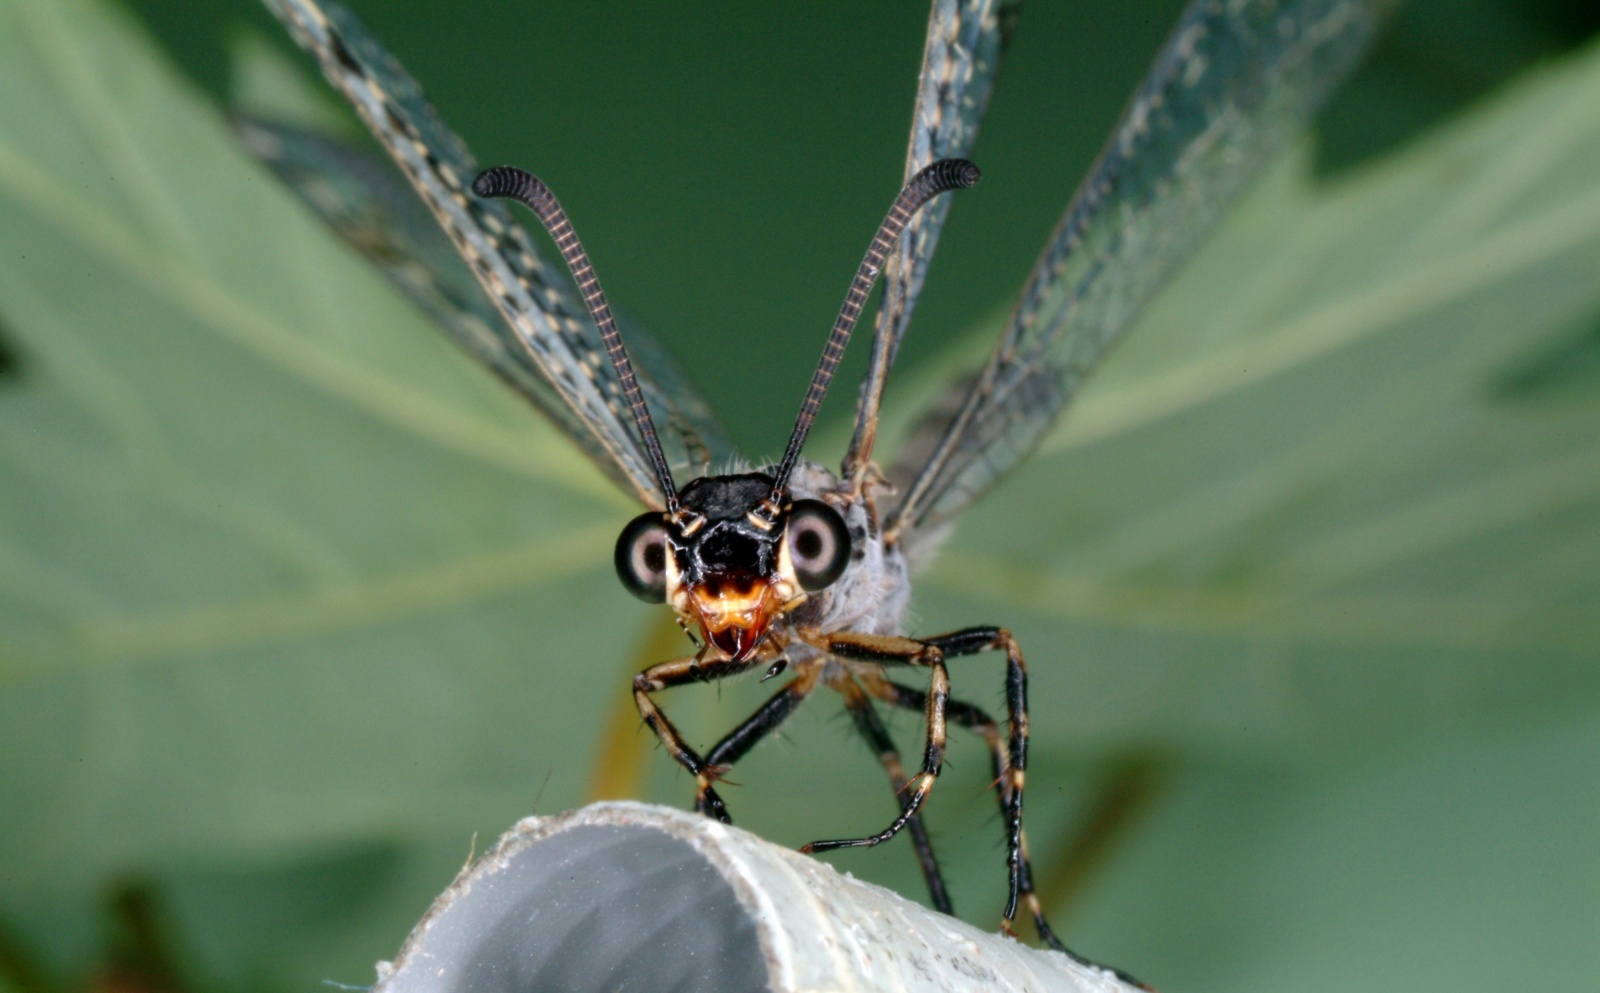 Фероподы не помогут: исследование и математическое моделирование ям-ловушек личинок муравьиных львов - 2